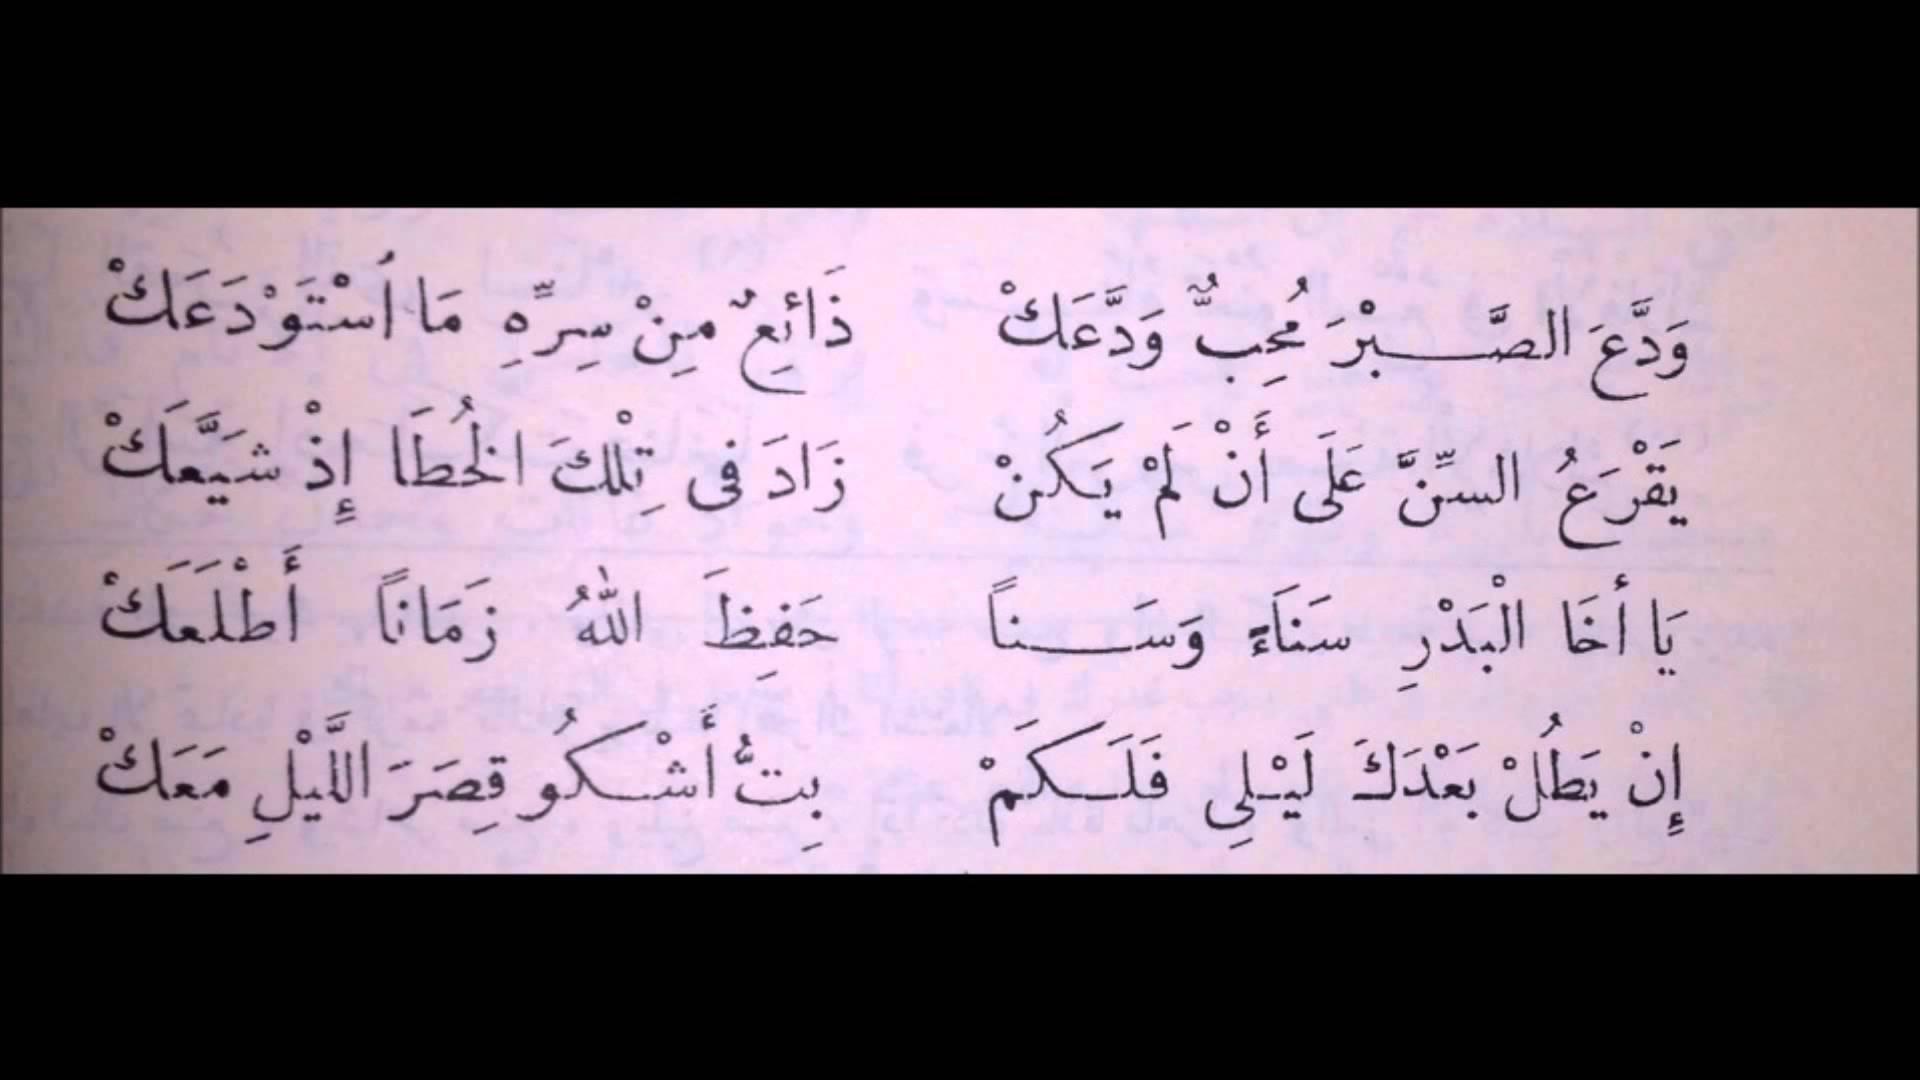 شاعر وابيات شعر - صفحة 2 342883594